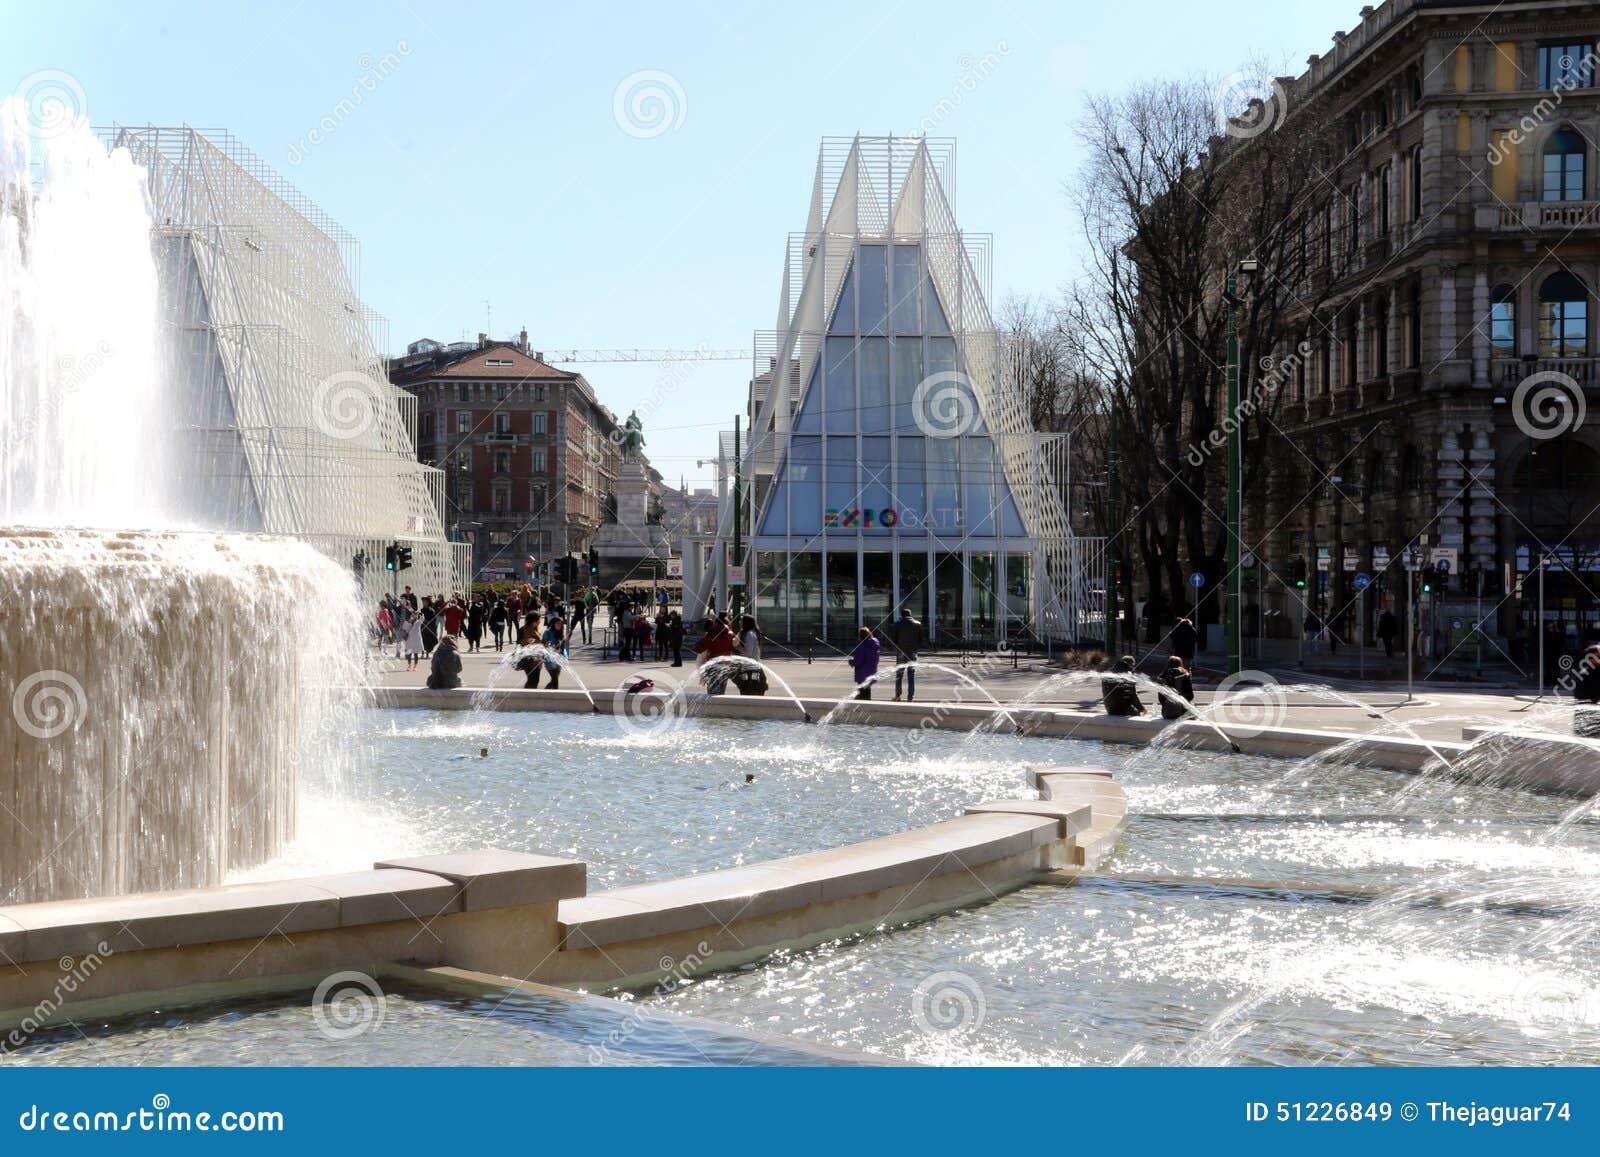 Explore Europe Travel Expo